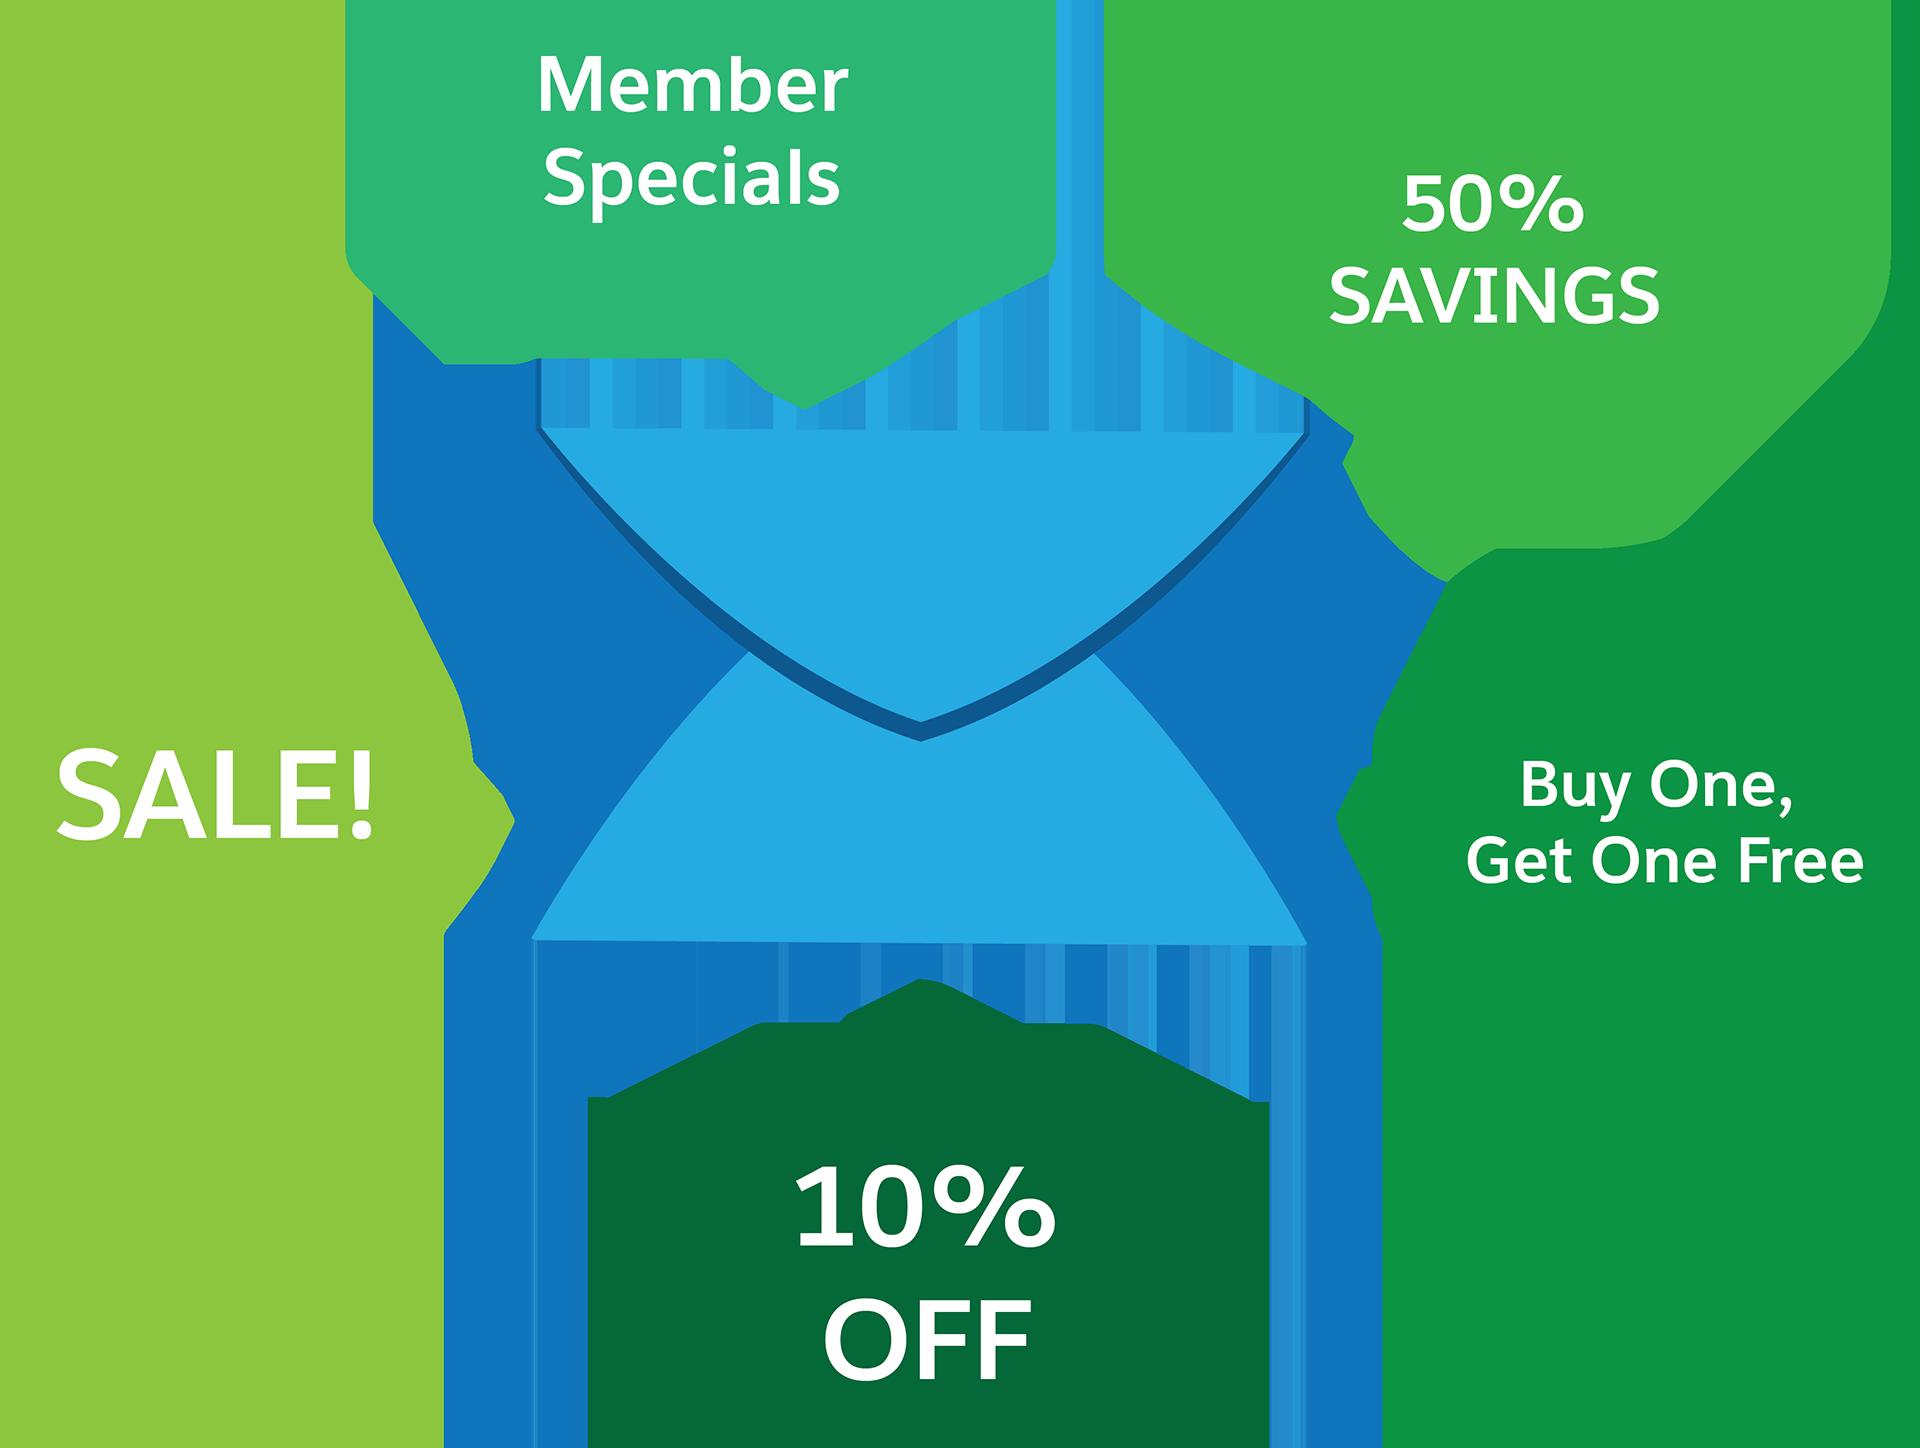 Inclua incentivos no e-mail (compre um, leve outro; 50% DE ECONOMIA; PROMOÇÃO!; US$ 10 DE DESCONTO; promoções para associados).